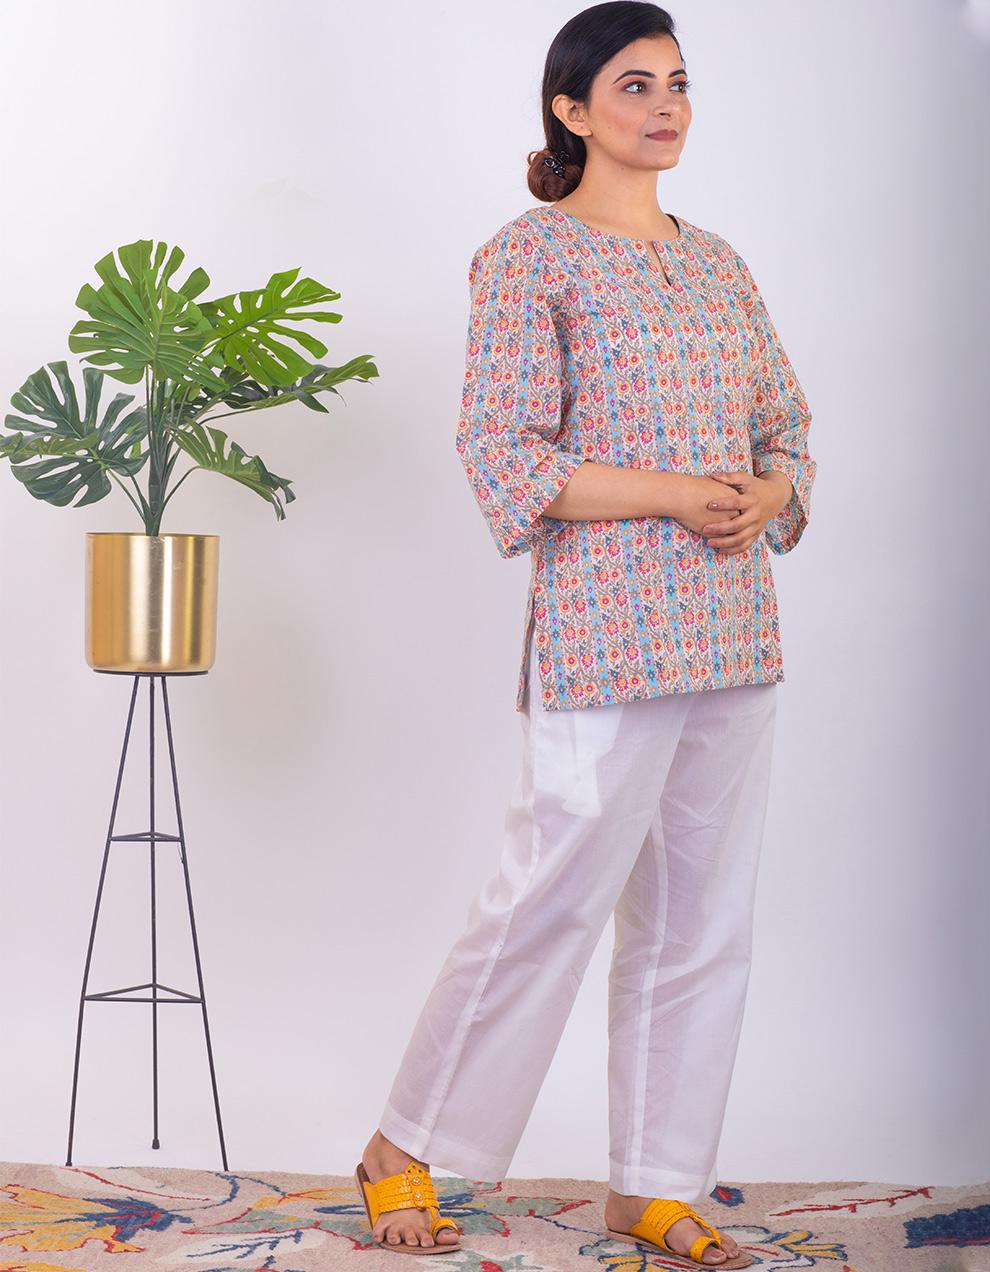 Multicolored printed cotton top